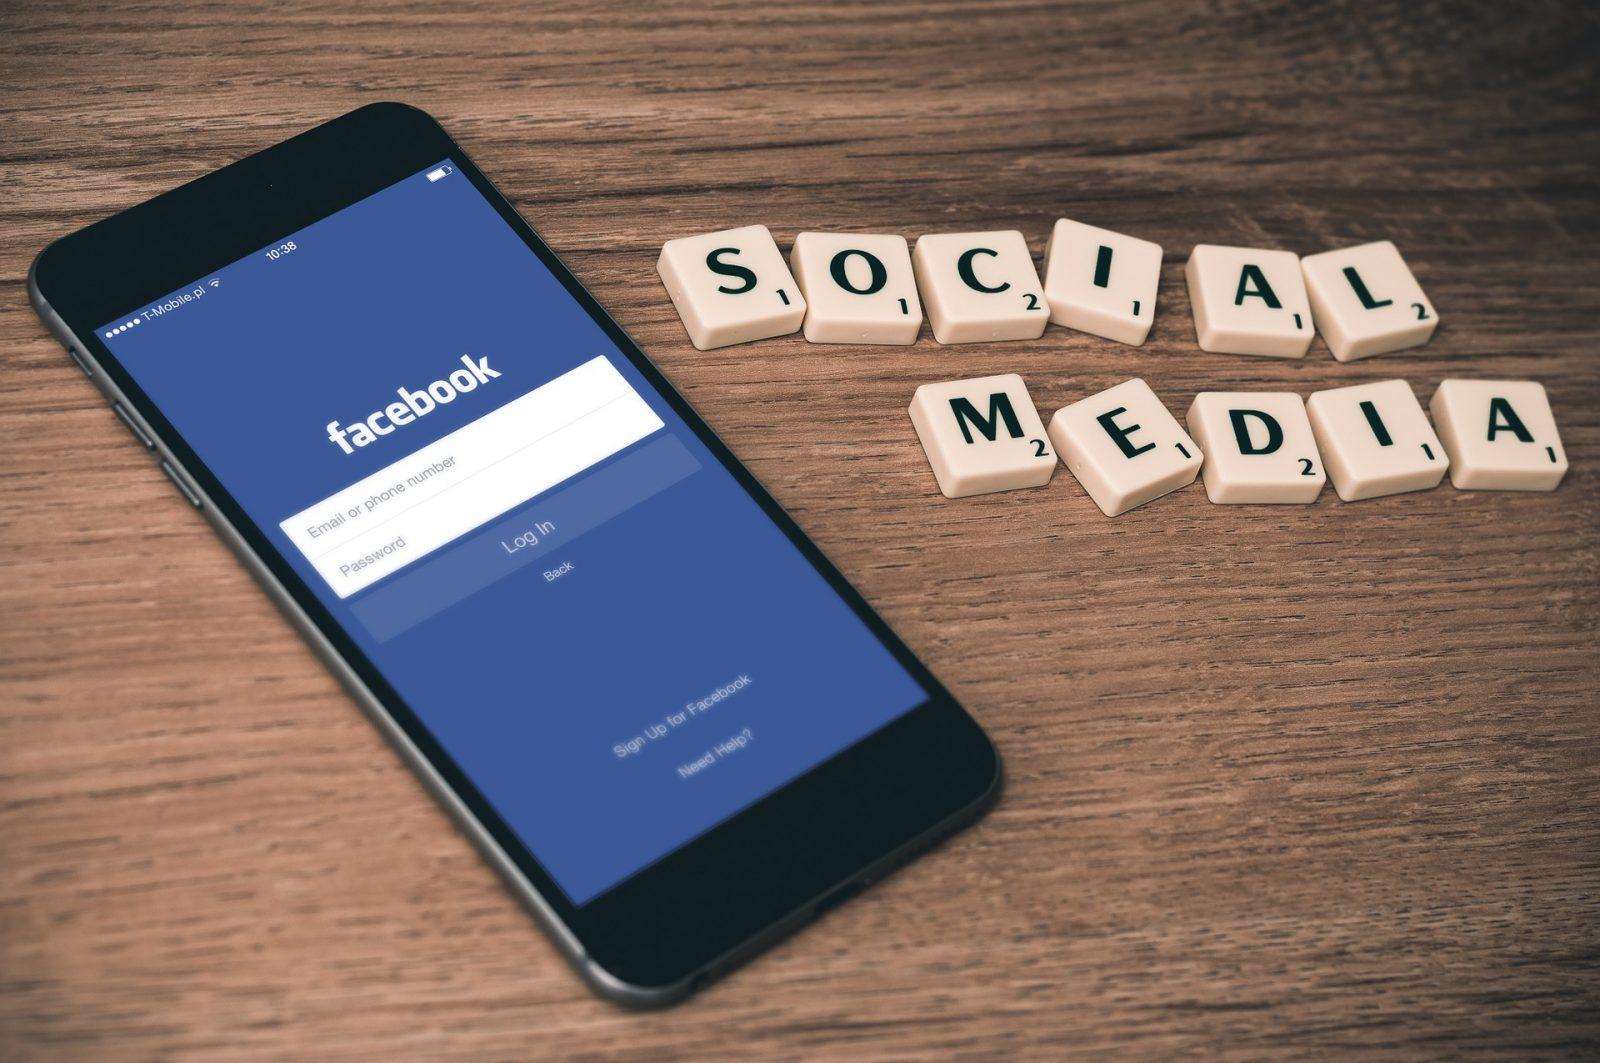 Följ oss på sociala medier!